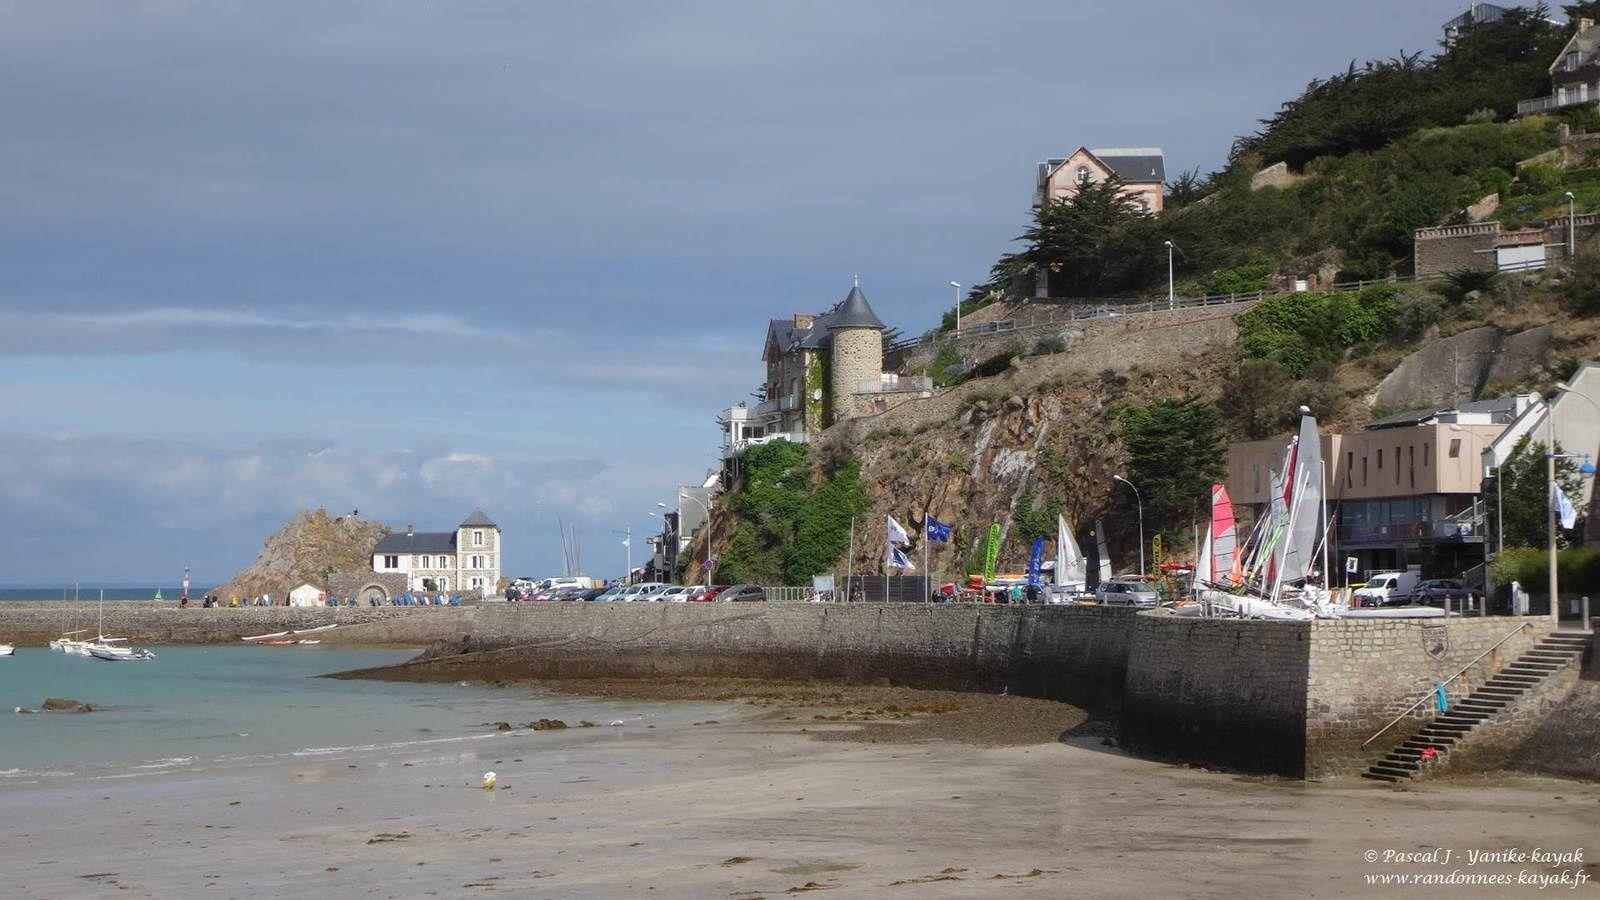 Tour de Bretagne en kayak de mer : de la plage de Caroual (Erquy) au port de Brehec